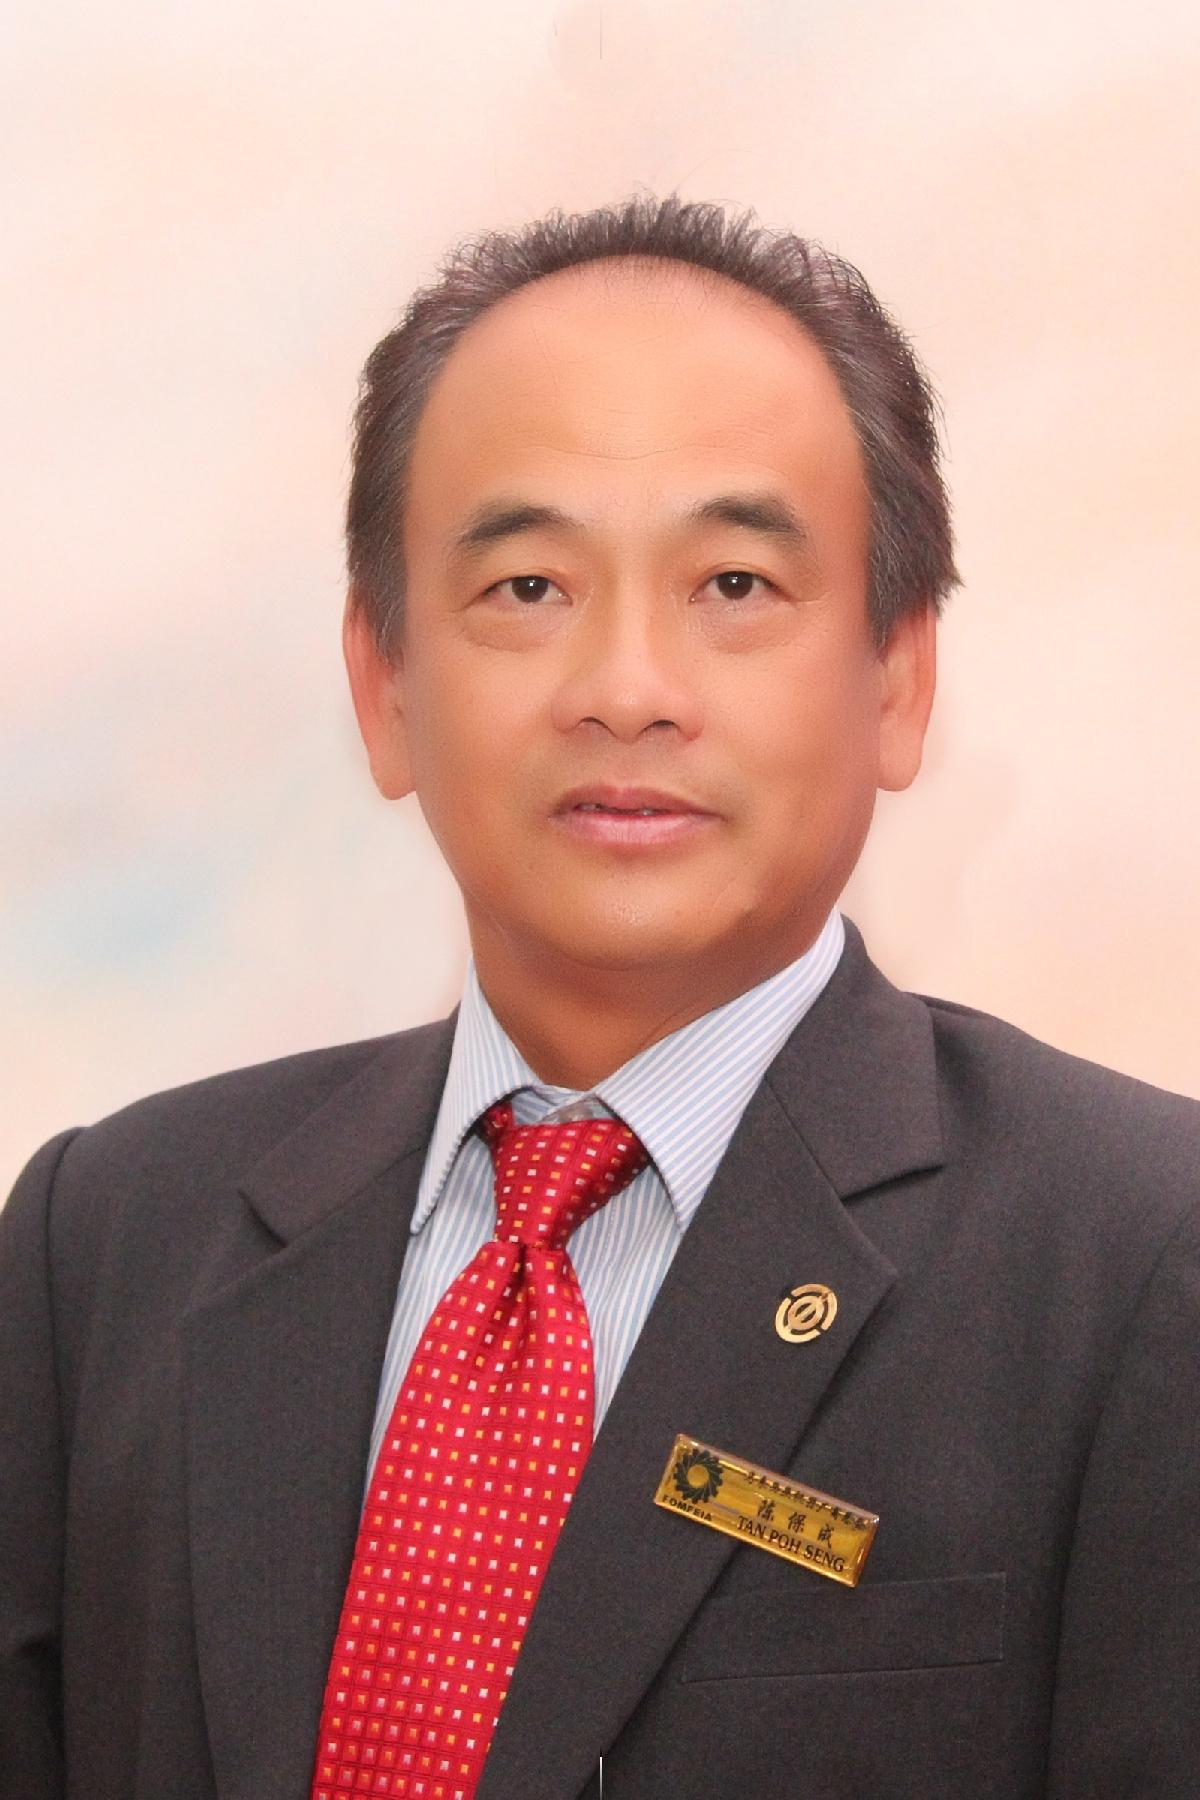 <h80>陈保成</h80><br>Tan Poh Seng